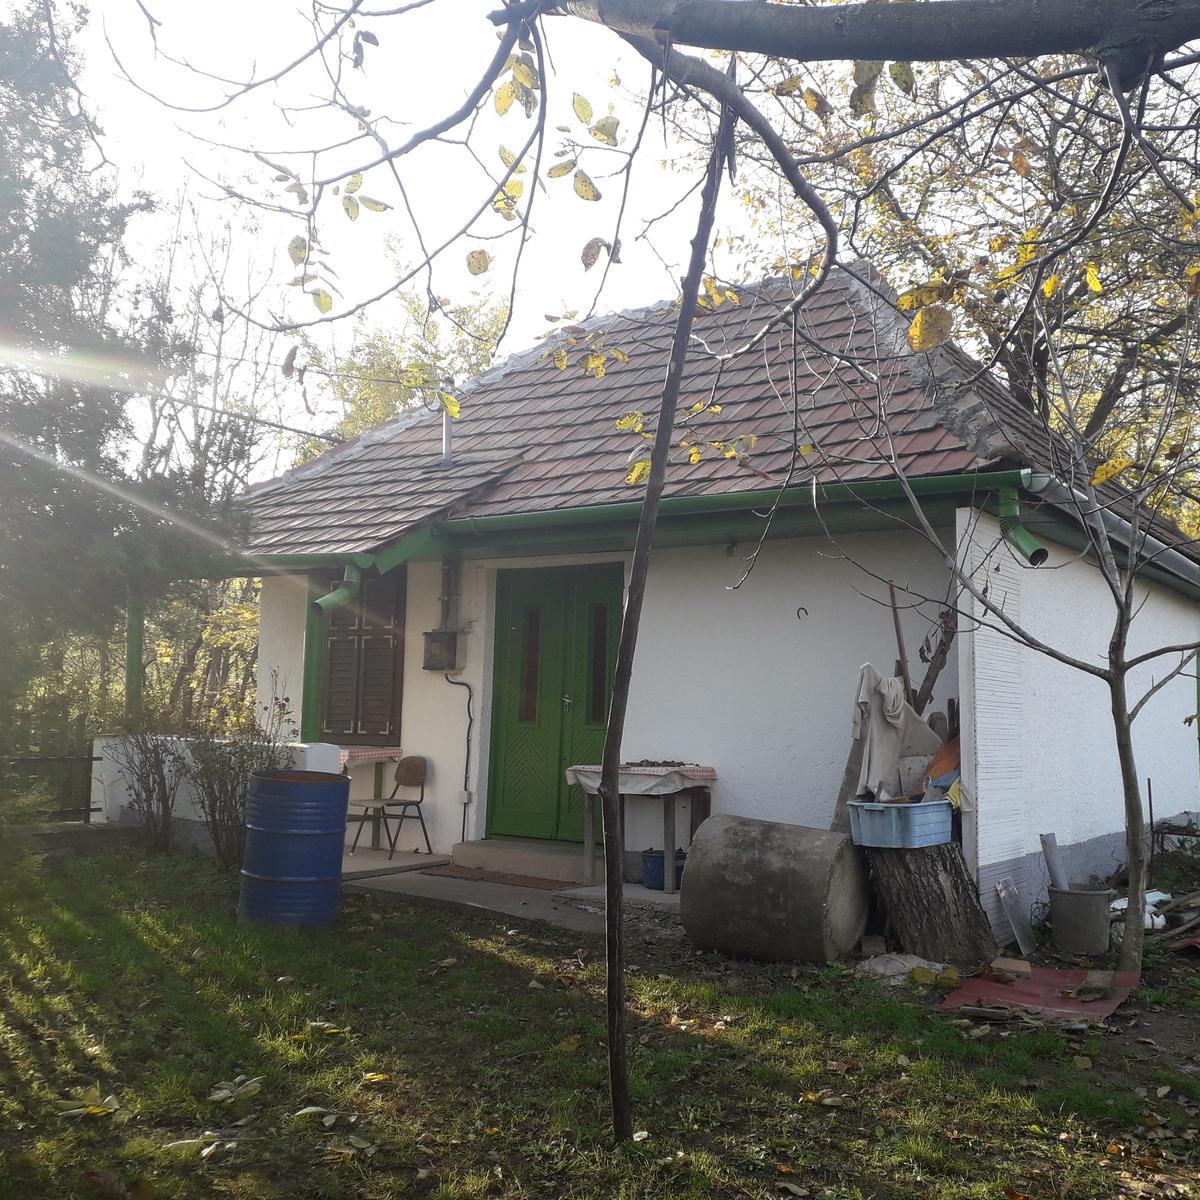 Eladó  mezőgazdasági ingatlan (Tök, Völgy út) 6,7 M  Ft